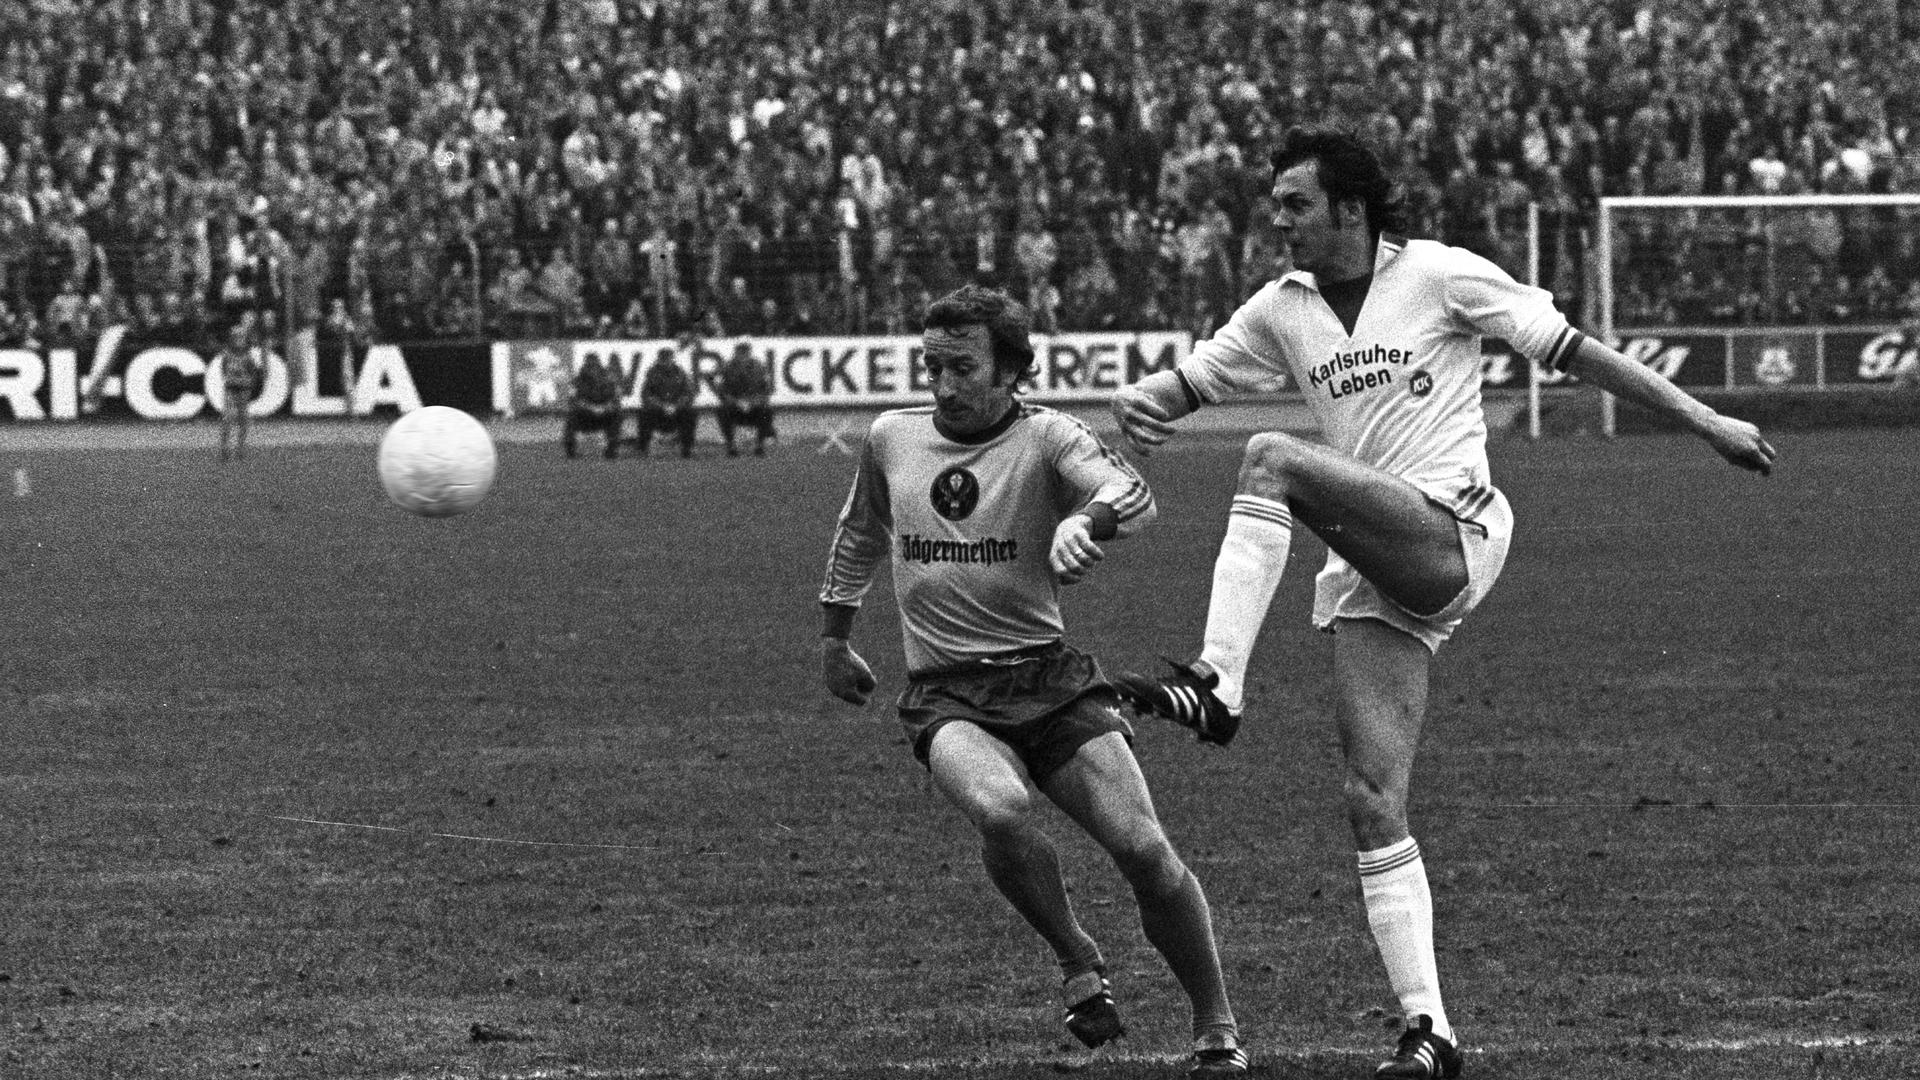 Vom KSC zu den Bayern: Norbert Janzon, der den Ball vor dem Braunschweiger Wolfgang Grzb weiterspielt, erzielt beim 3:3 am 19. März 1977 gegen die Eintracht zwei der drei KSC-Tore.